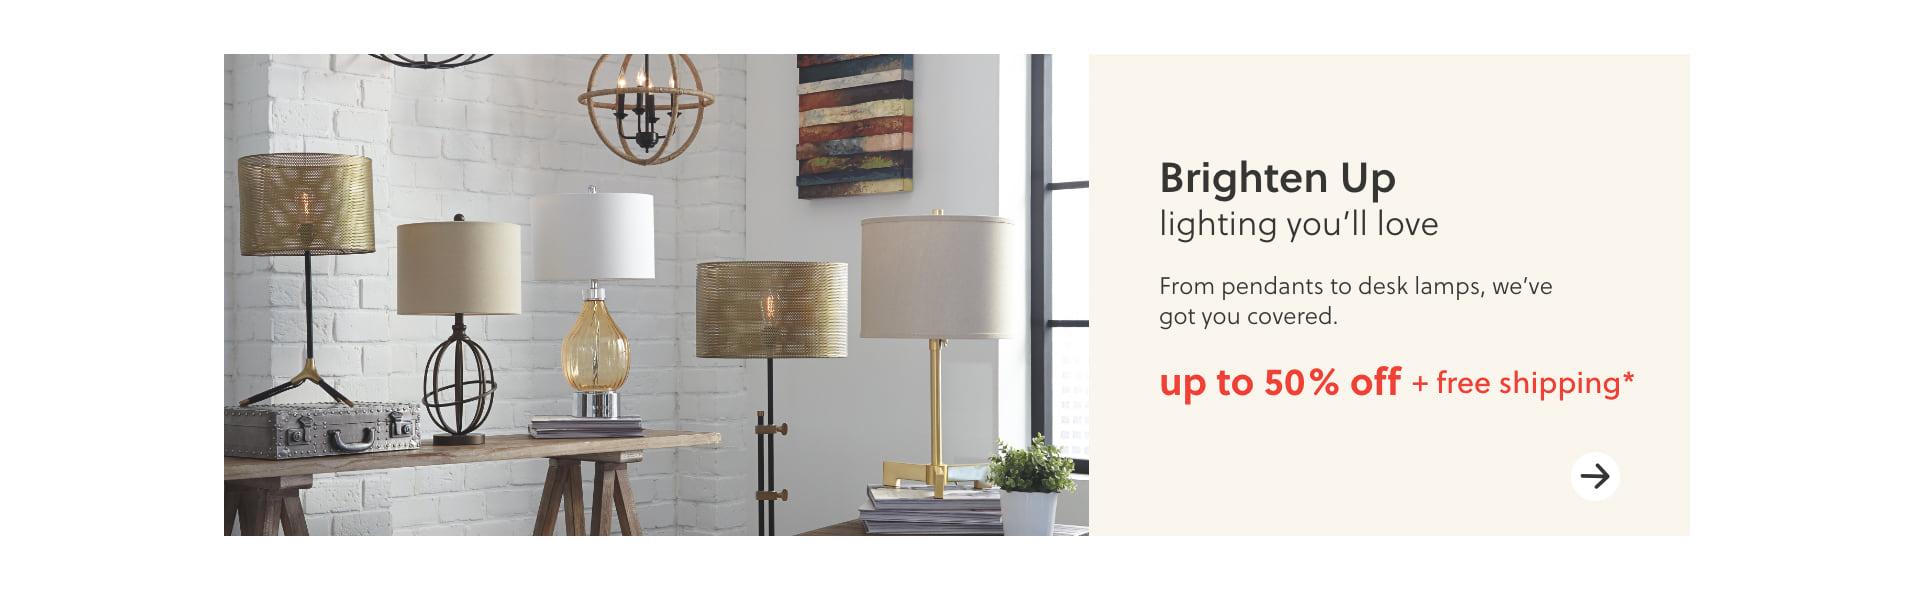 Desk Lamps, Pendants, Lighting